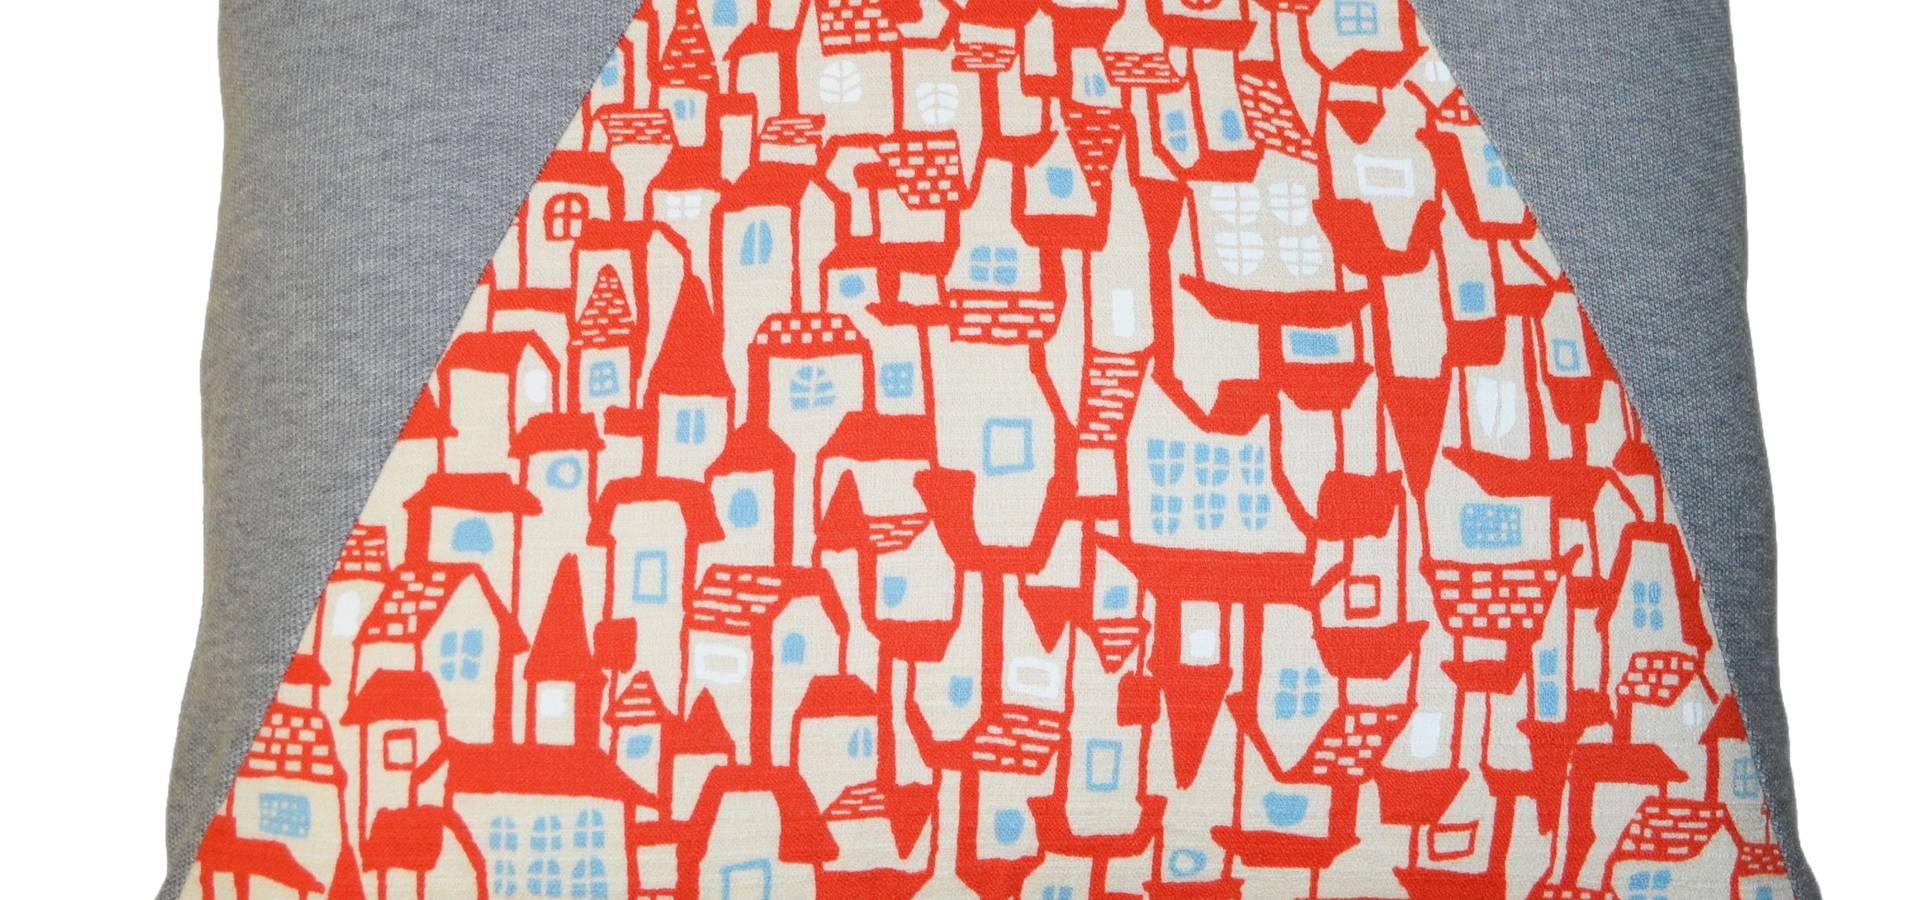 Rhc sarl textiles tissus d 39 ameublement paris sur homify - Tissus d ameublement paris ...